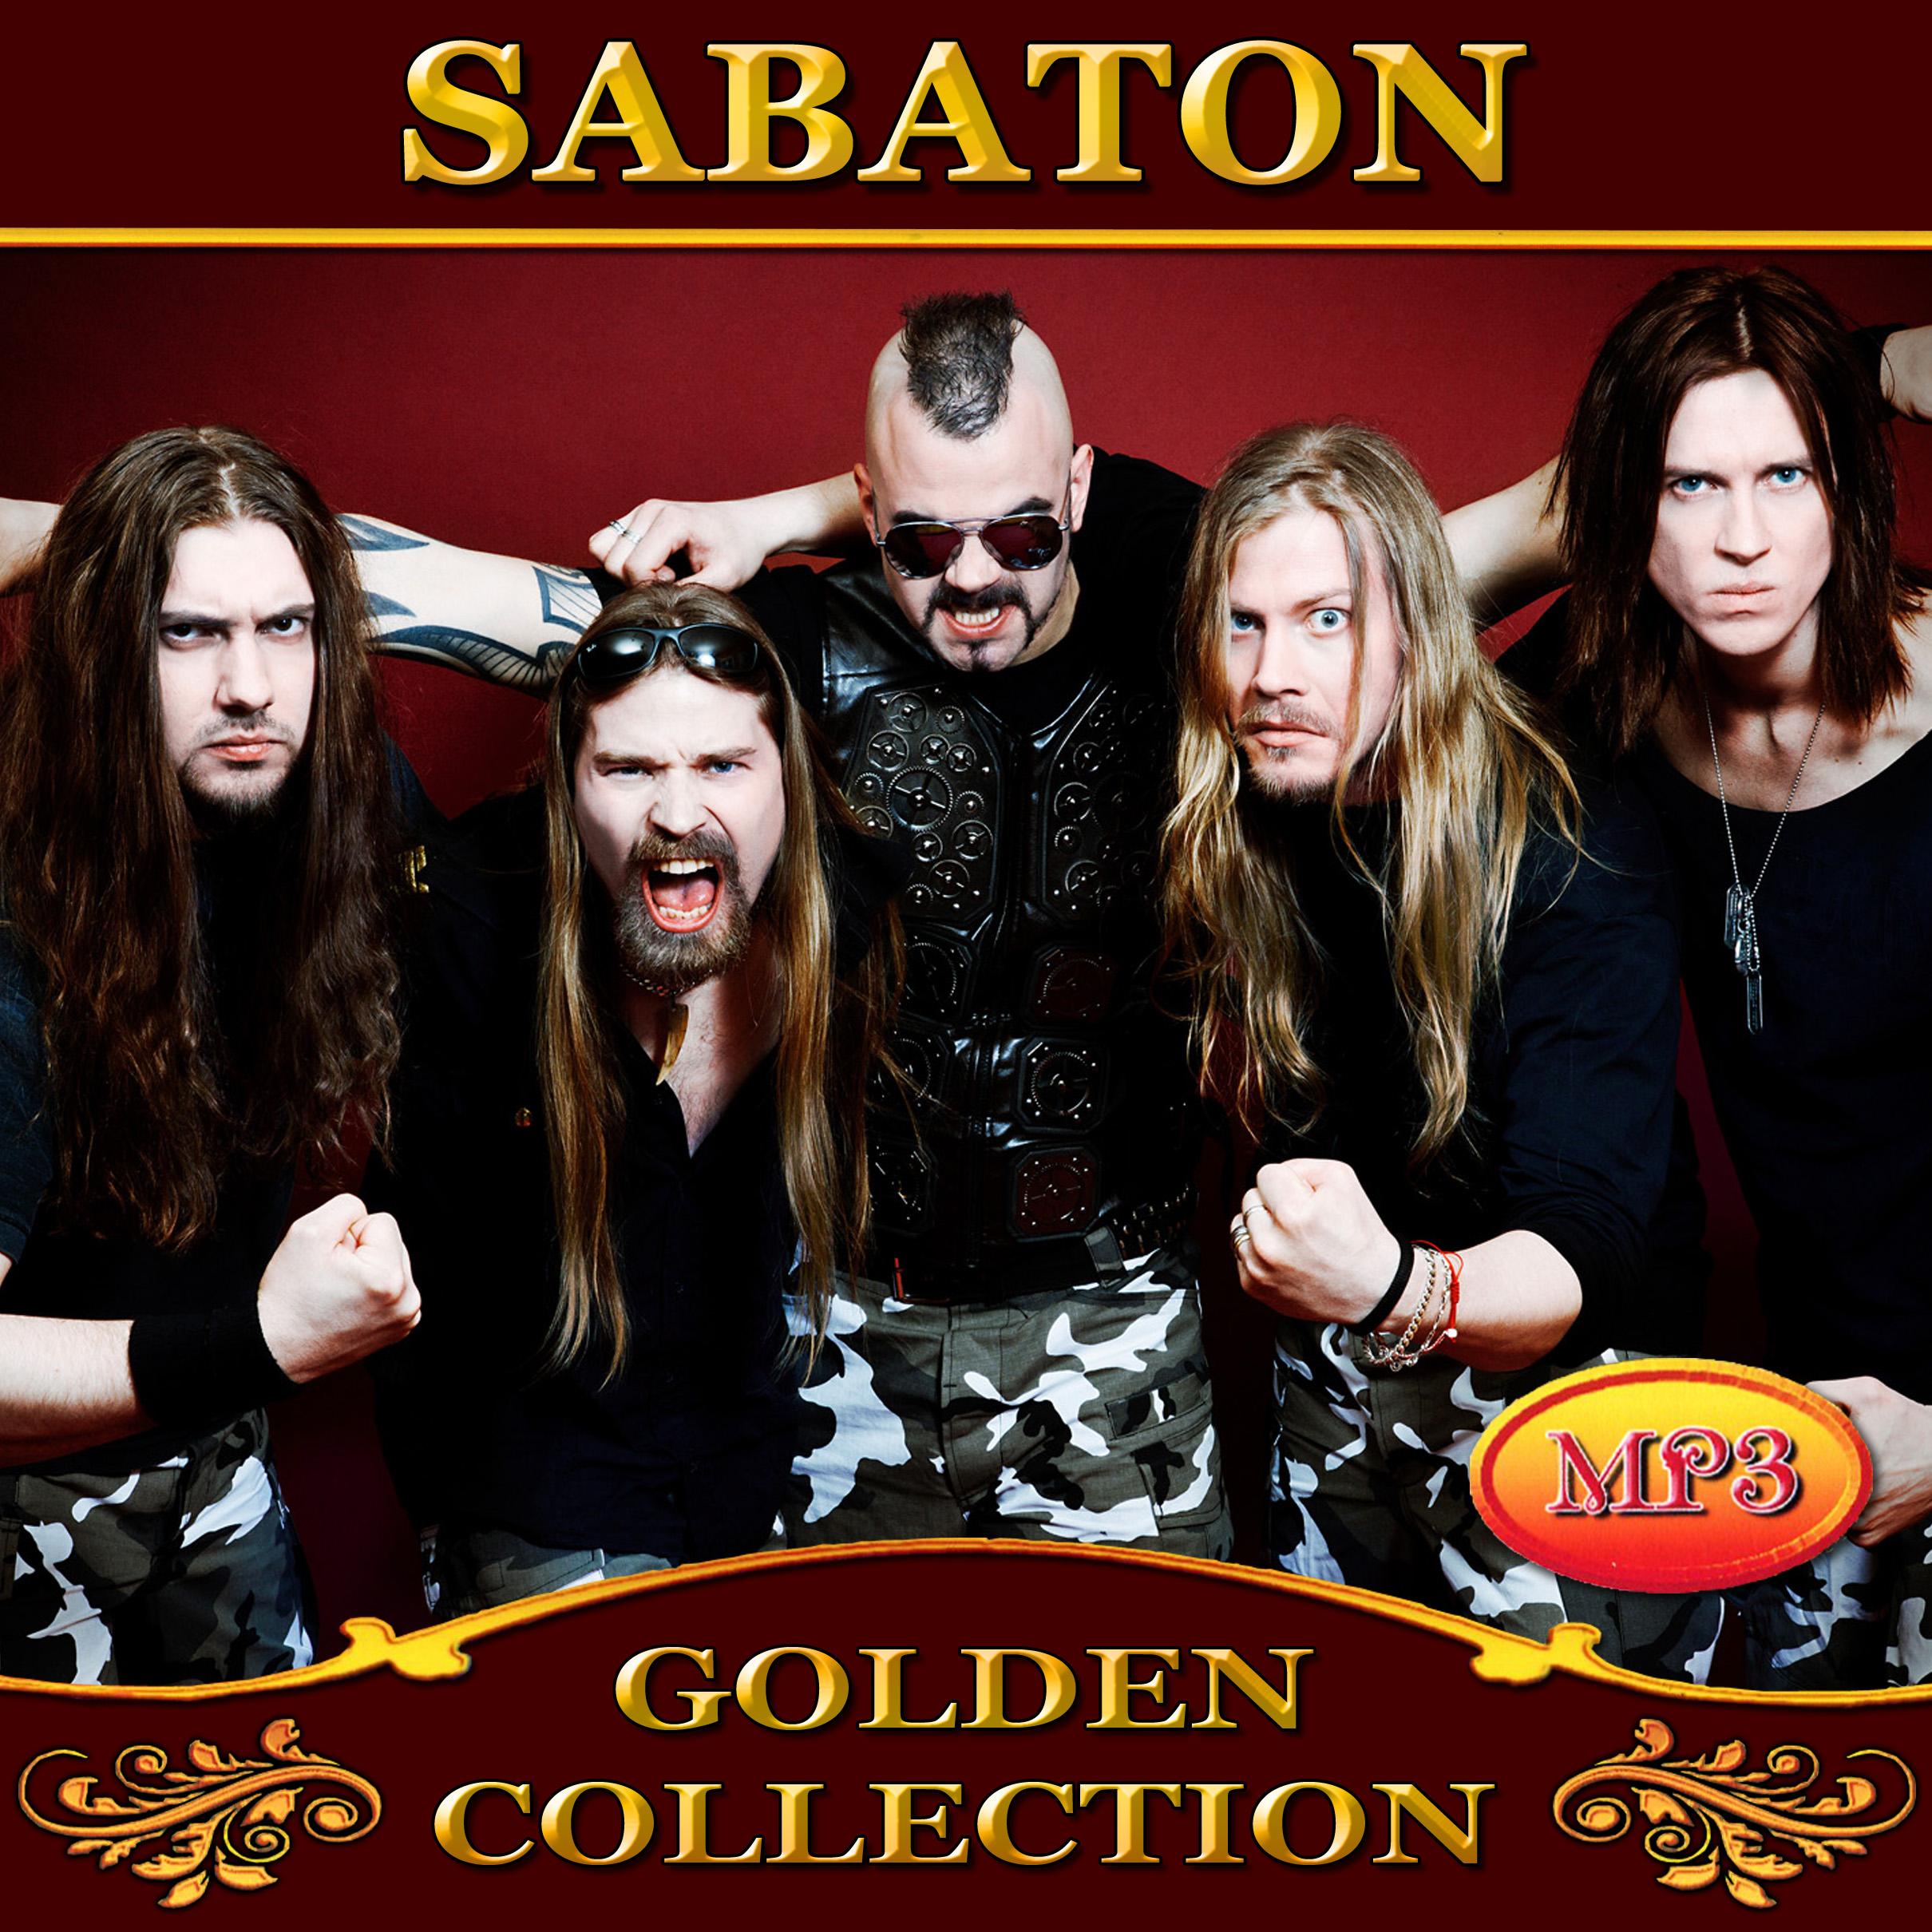 Sabaton [mp3]